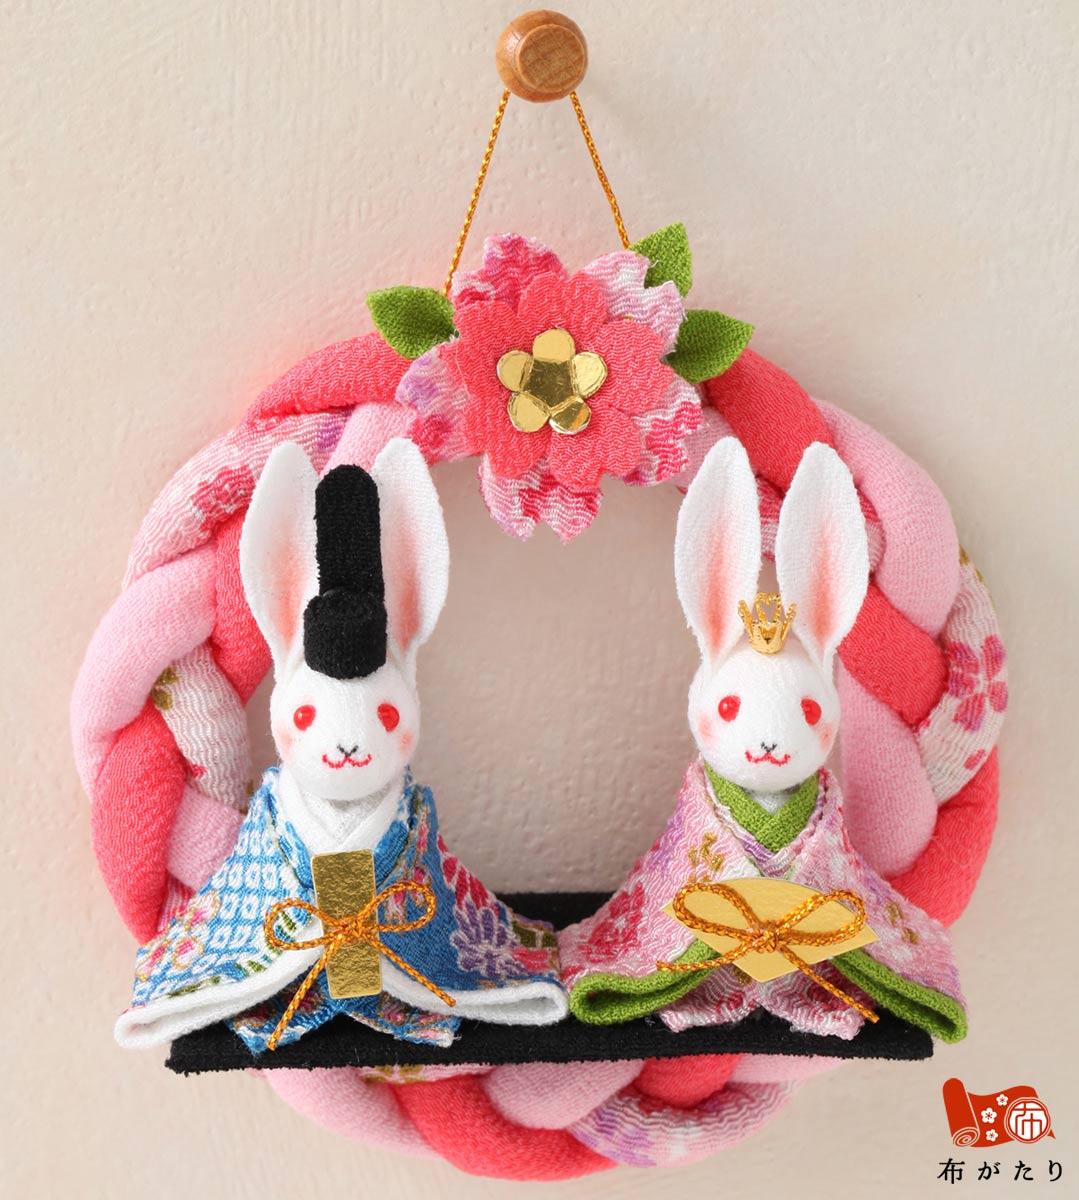 安い ちりめんで作る可愛いうさぎ雛 数量限定アウトレット最安価格 ひな祭りキット 京雛の輪飾り うさぎ